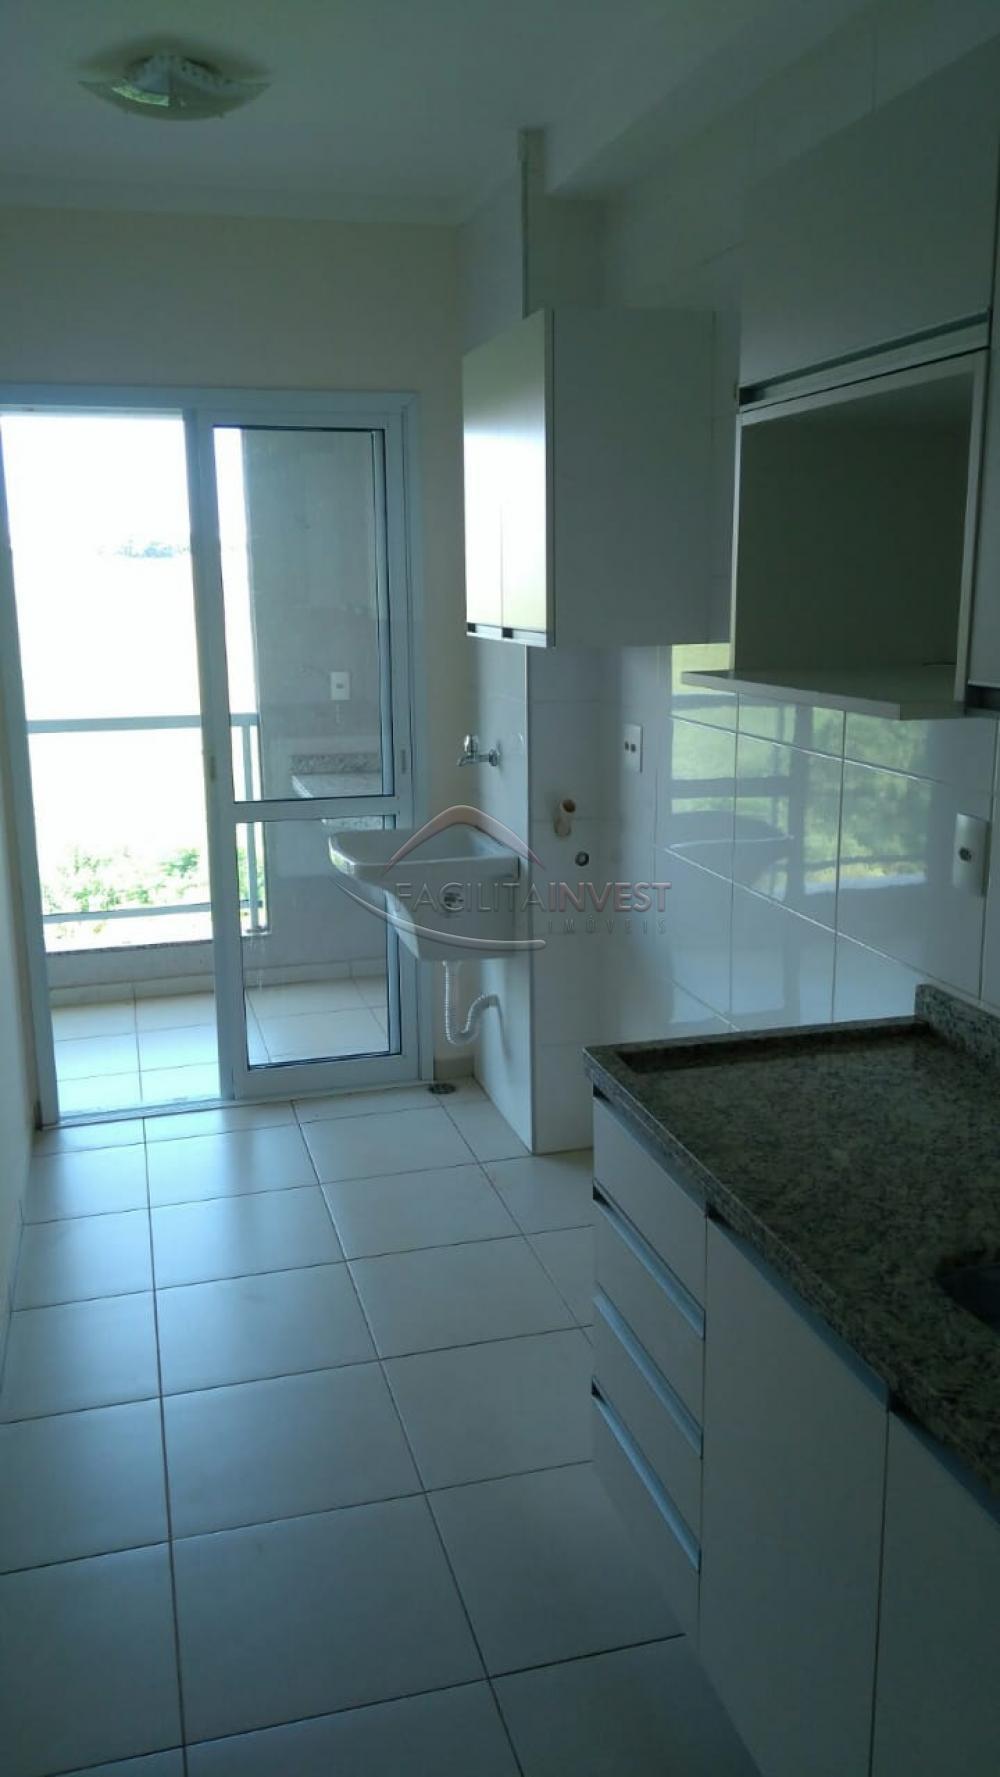 Comprar Lançamentos/ Empreendimentos em Construç / Apartamento padrão - Lançamento em Ribeirão Preto apenas R$ 216.000,00 - Foto 5